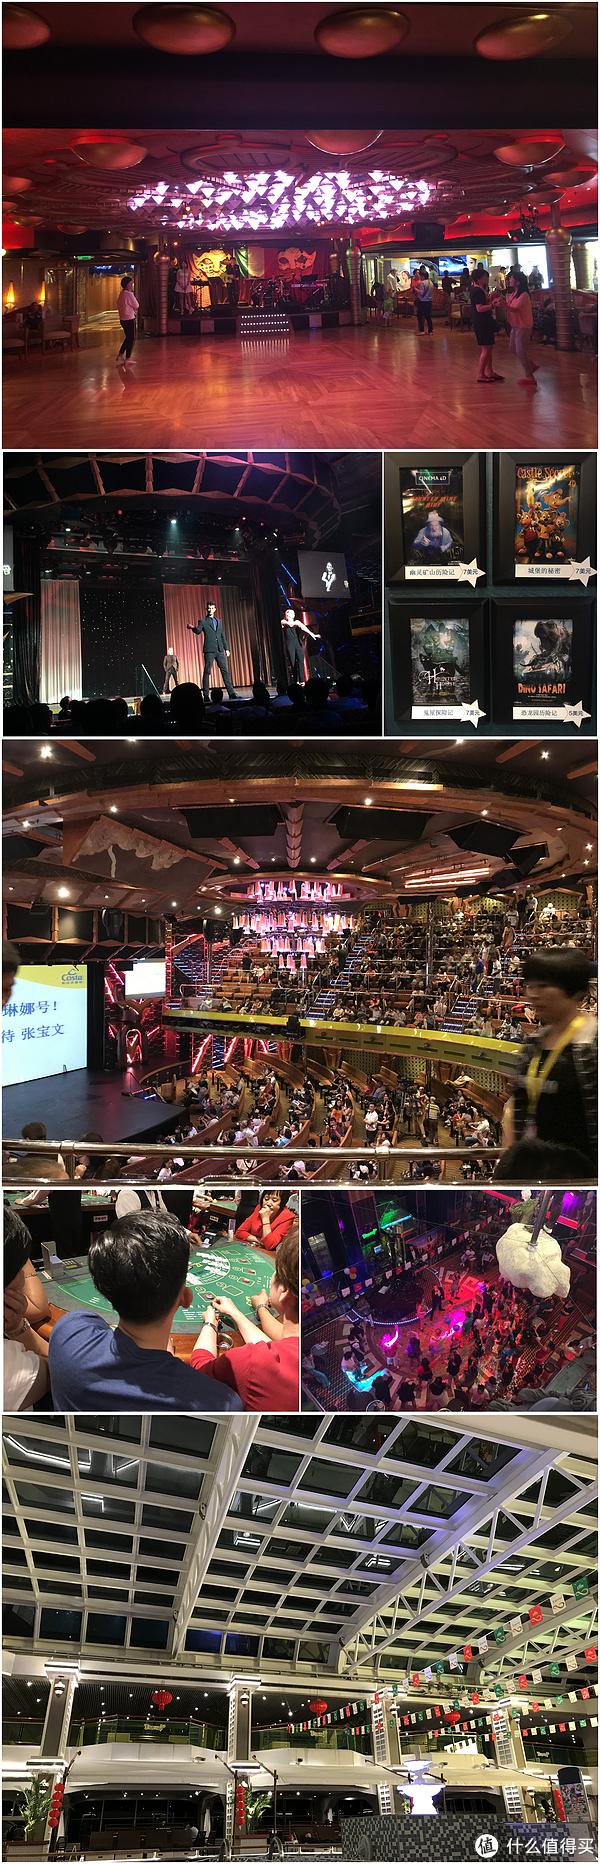 入门级邮轮初体验:歌诗达赛琳娜号(上海——熊本八代——上海4天4晚游)多图